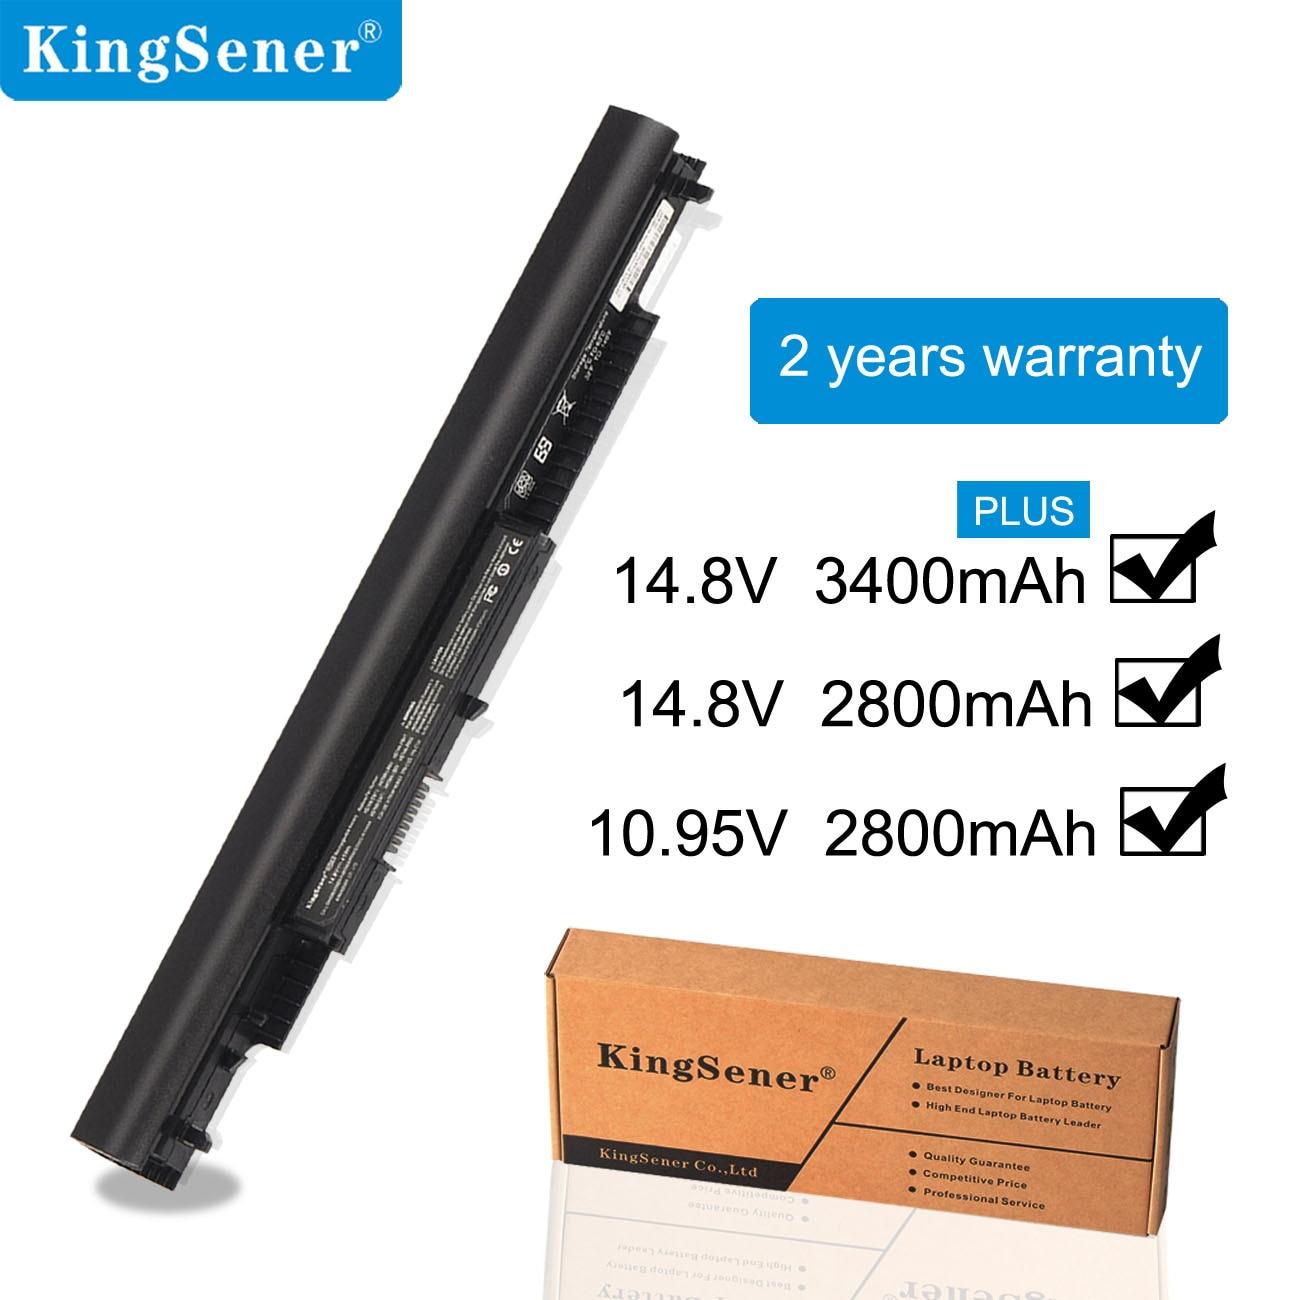 KingSener HS04 HS03 Laptop Battery For Pavilion 15-ac0XX 15-af087nw 15-af093ng 807612-42 807956-001 For HP Notebook 14g 15 15g